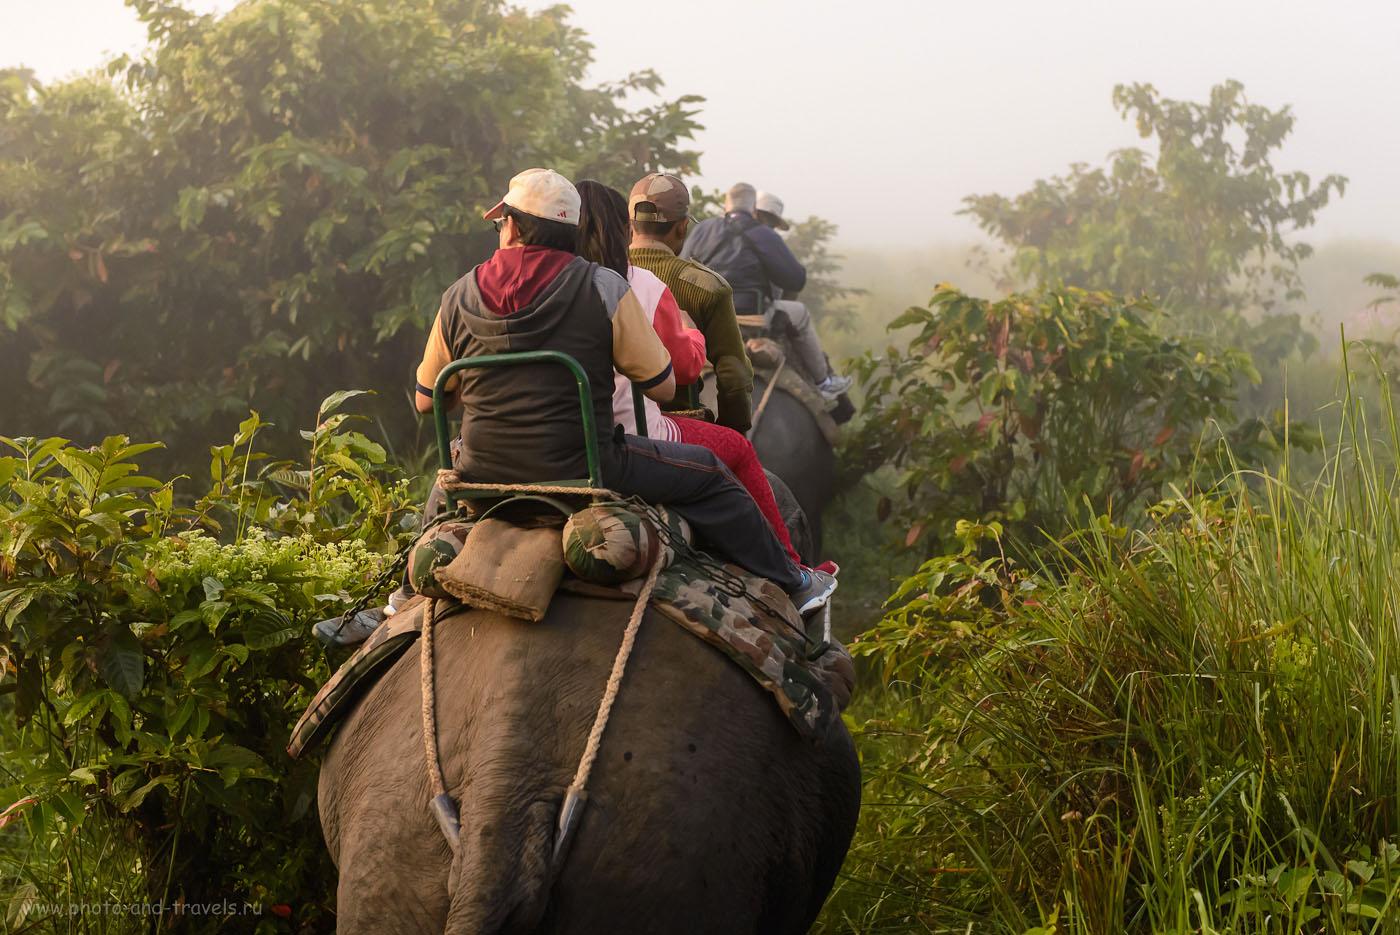 Фото 5. Слоновье сафари в парке Казиранга. Поездка по Индии дикарями. Отзывы туристов. 1/4000, -0.67, 3.5, 2500, 66. Nikon 24-70/2.8